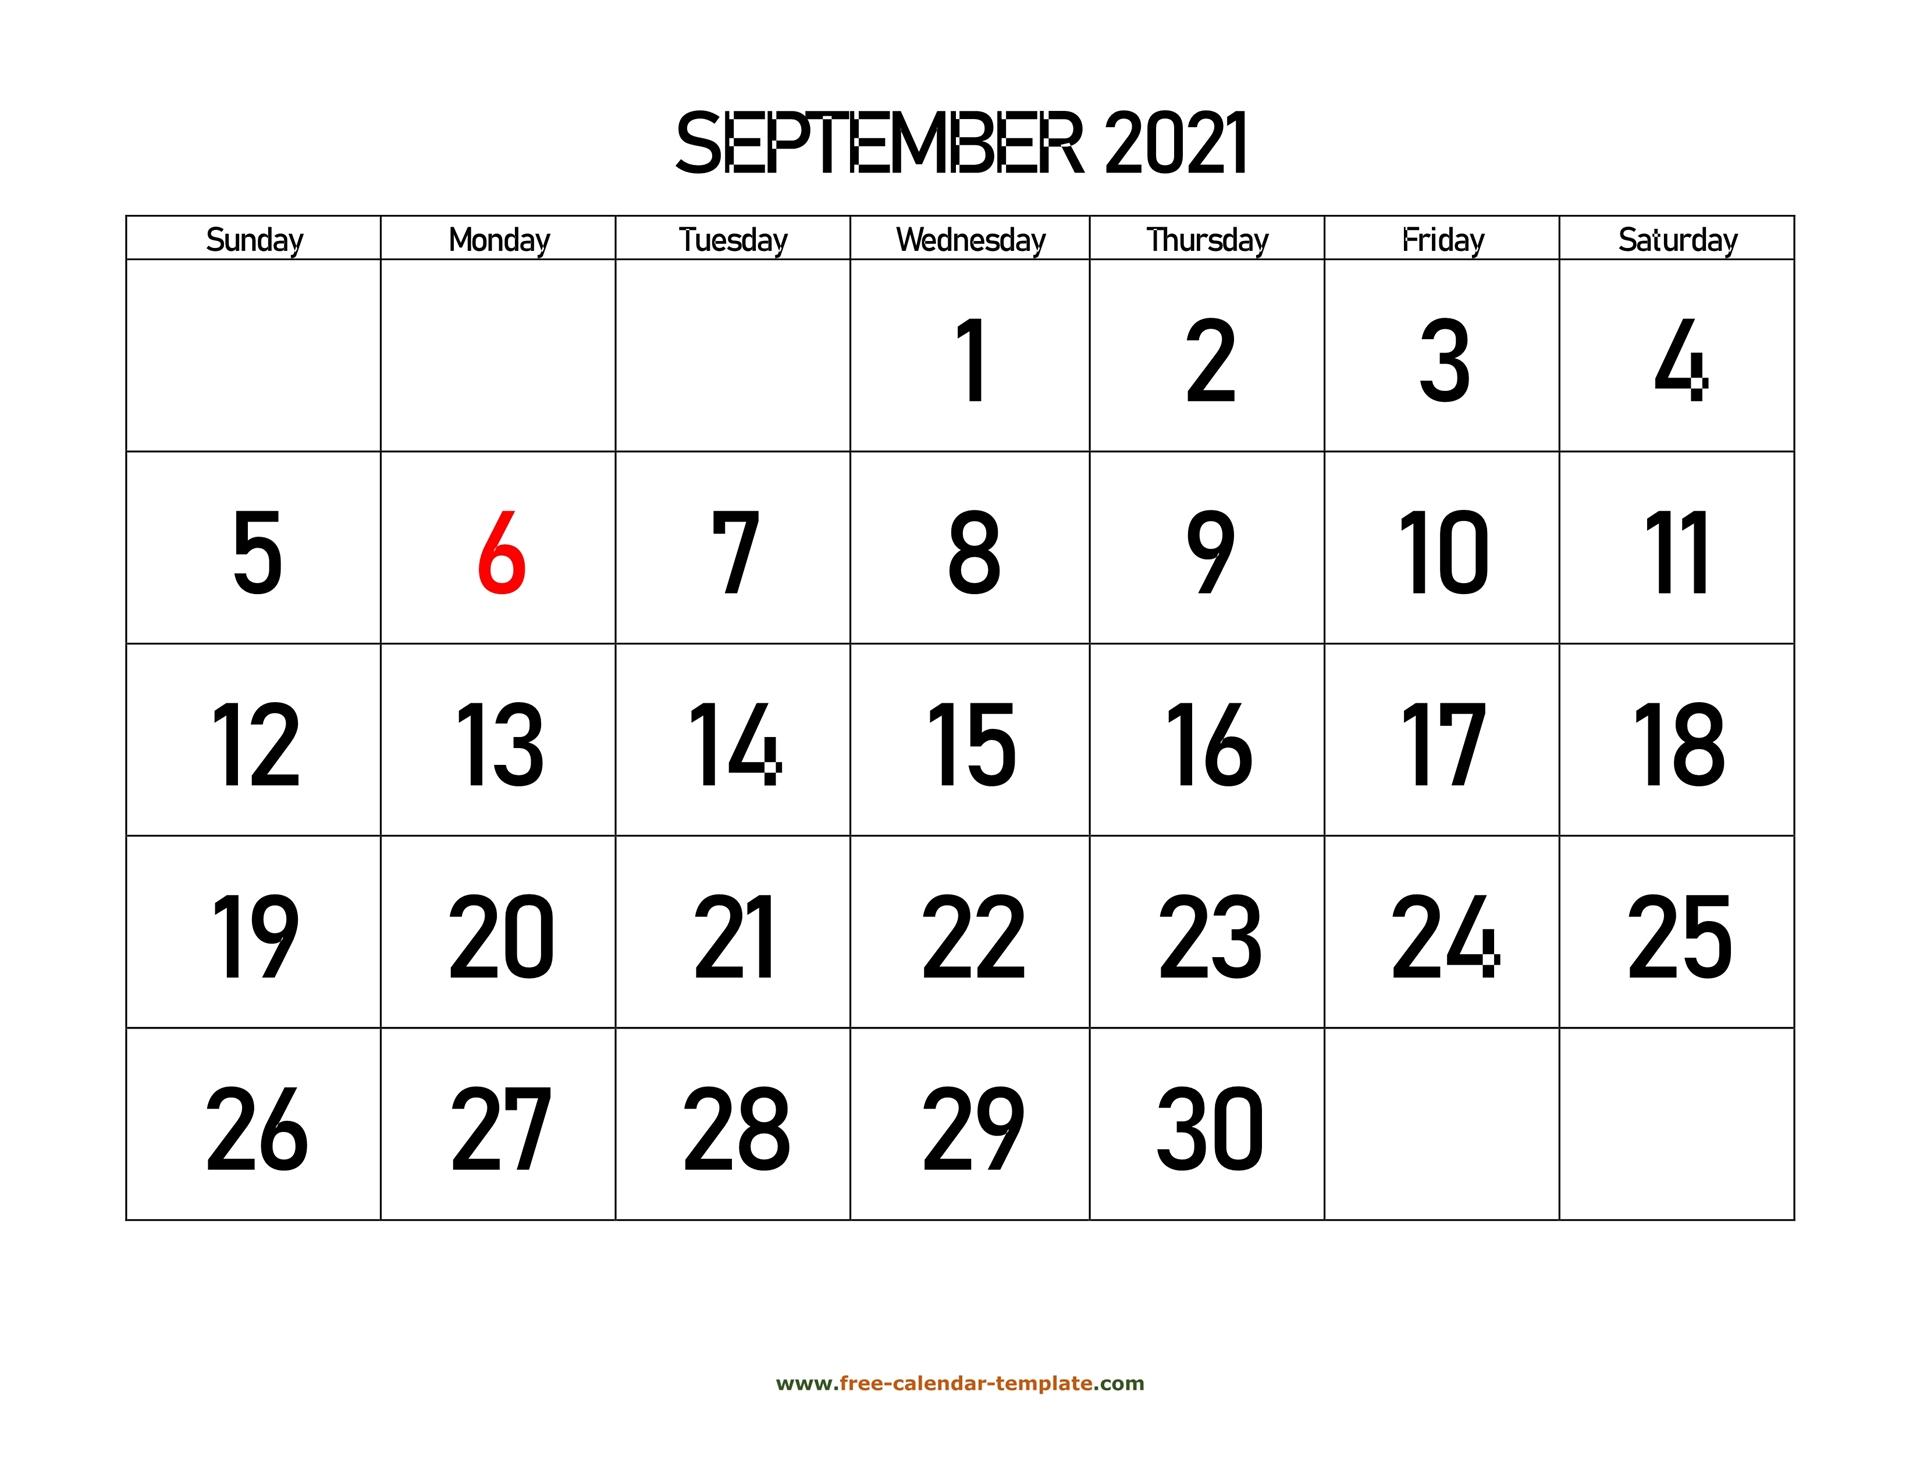 September 2021 Calendar Designed With Large Font Horizontal Free Calendar Template Com